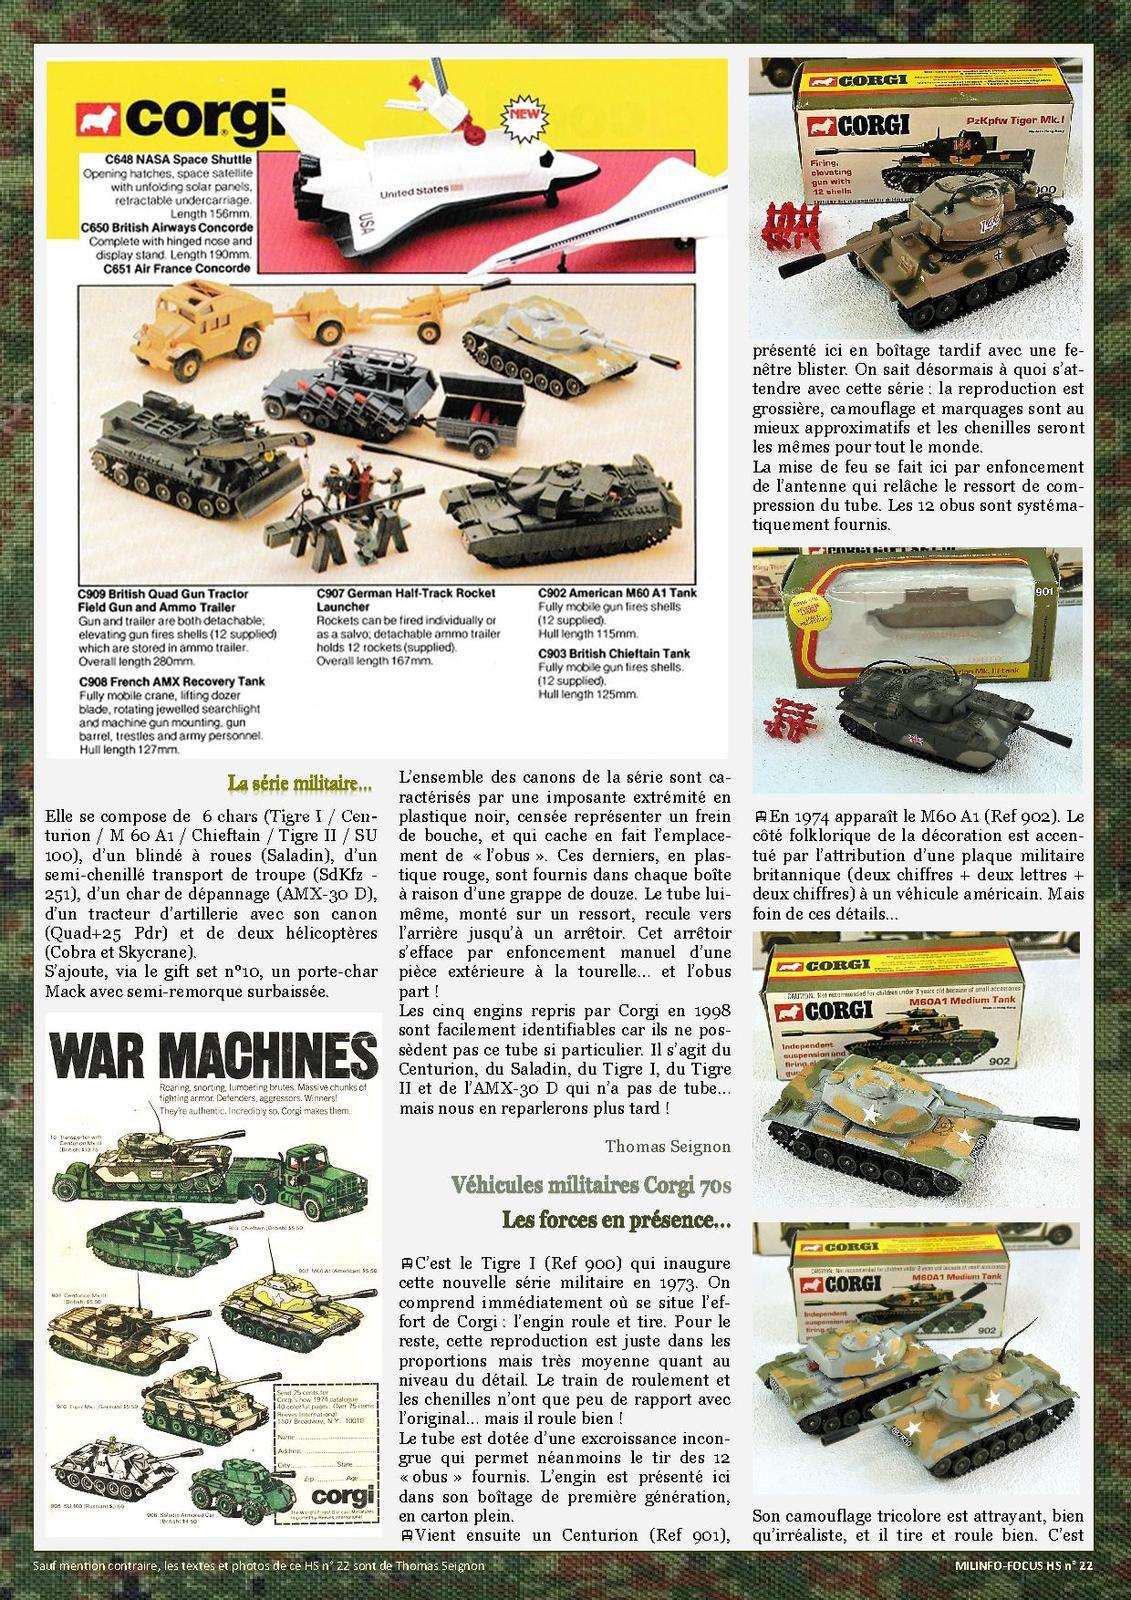 Milinfo-Focus HS22 : Les miniatures militaires Corgi des années 70